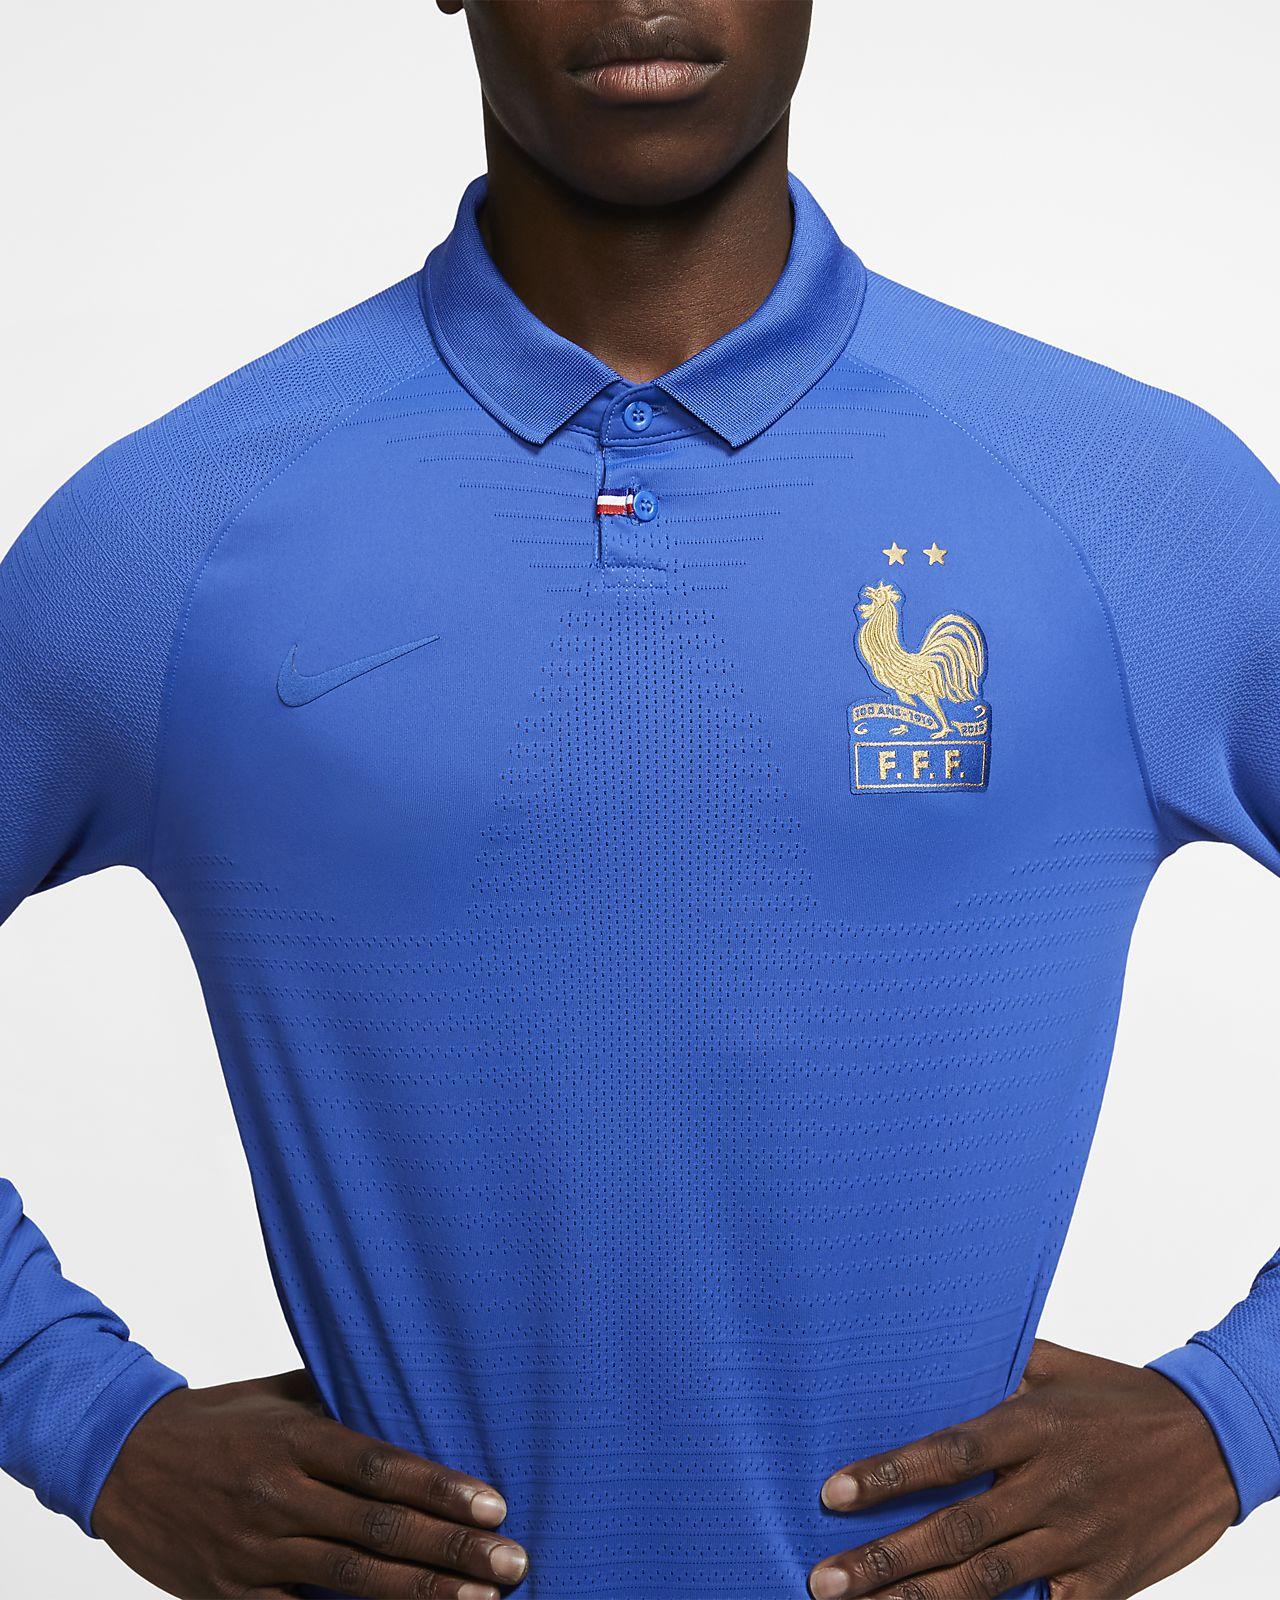 1d1157c9 FFF Vapor Match Centennial Men's Long-Sleeve Shirt. Nike.com LU